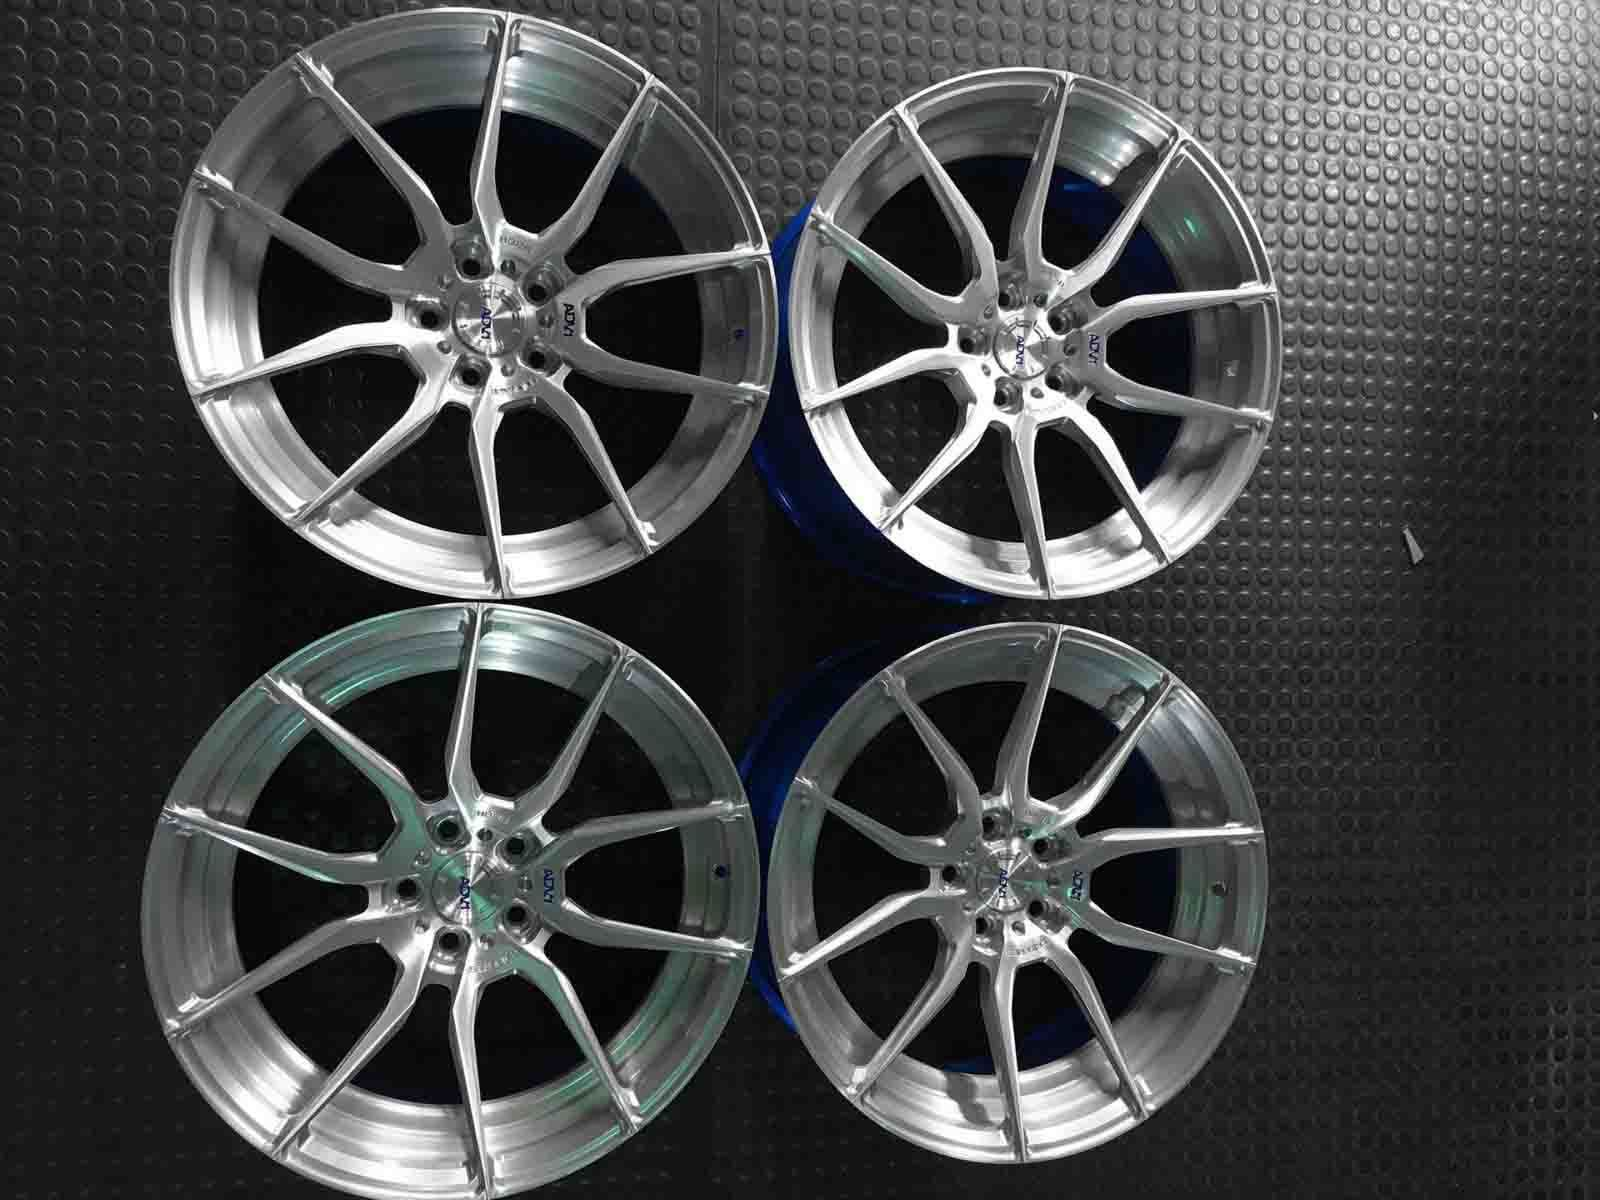 ADV.1 ADV5.0 M.V2 (CS Series) forged wheels